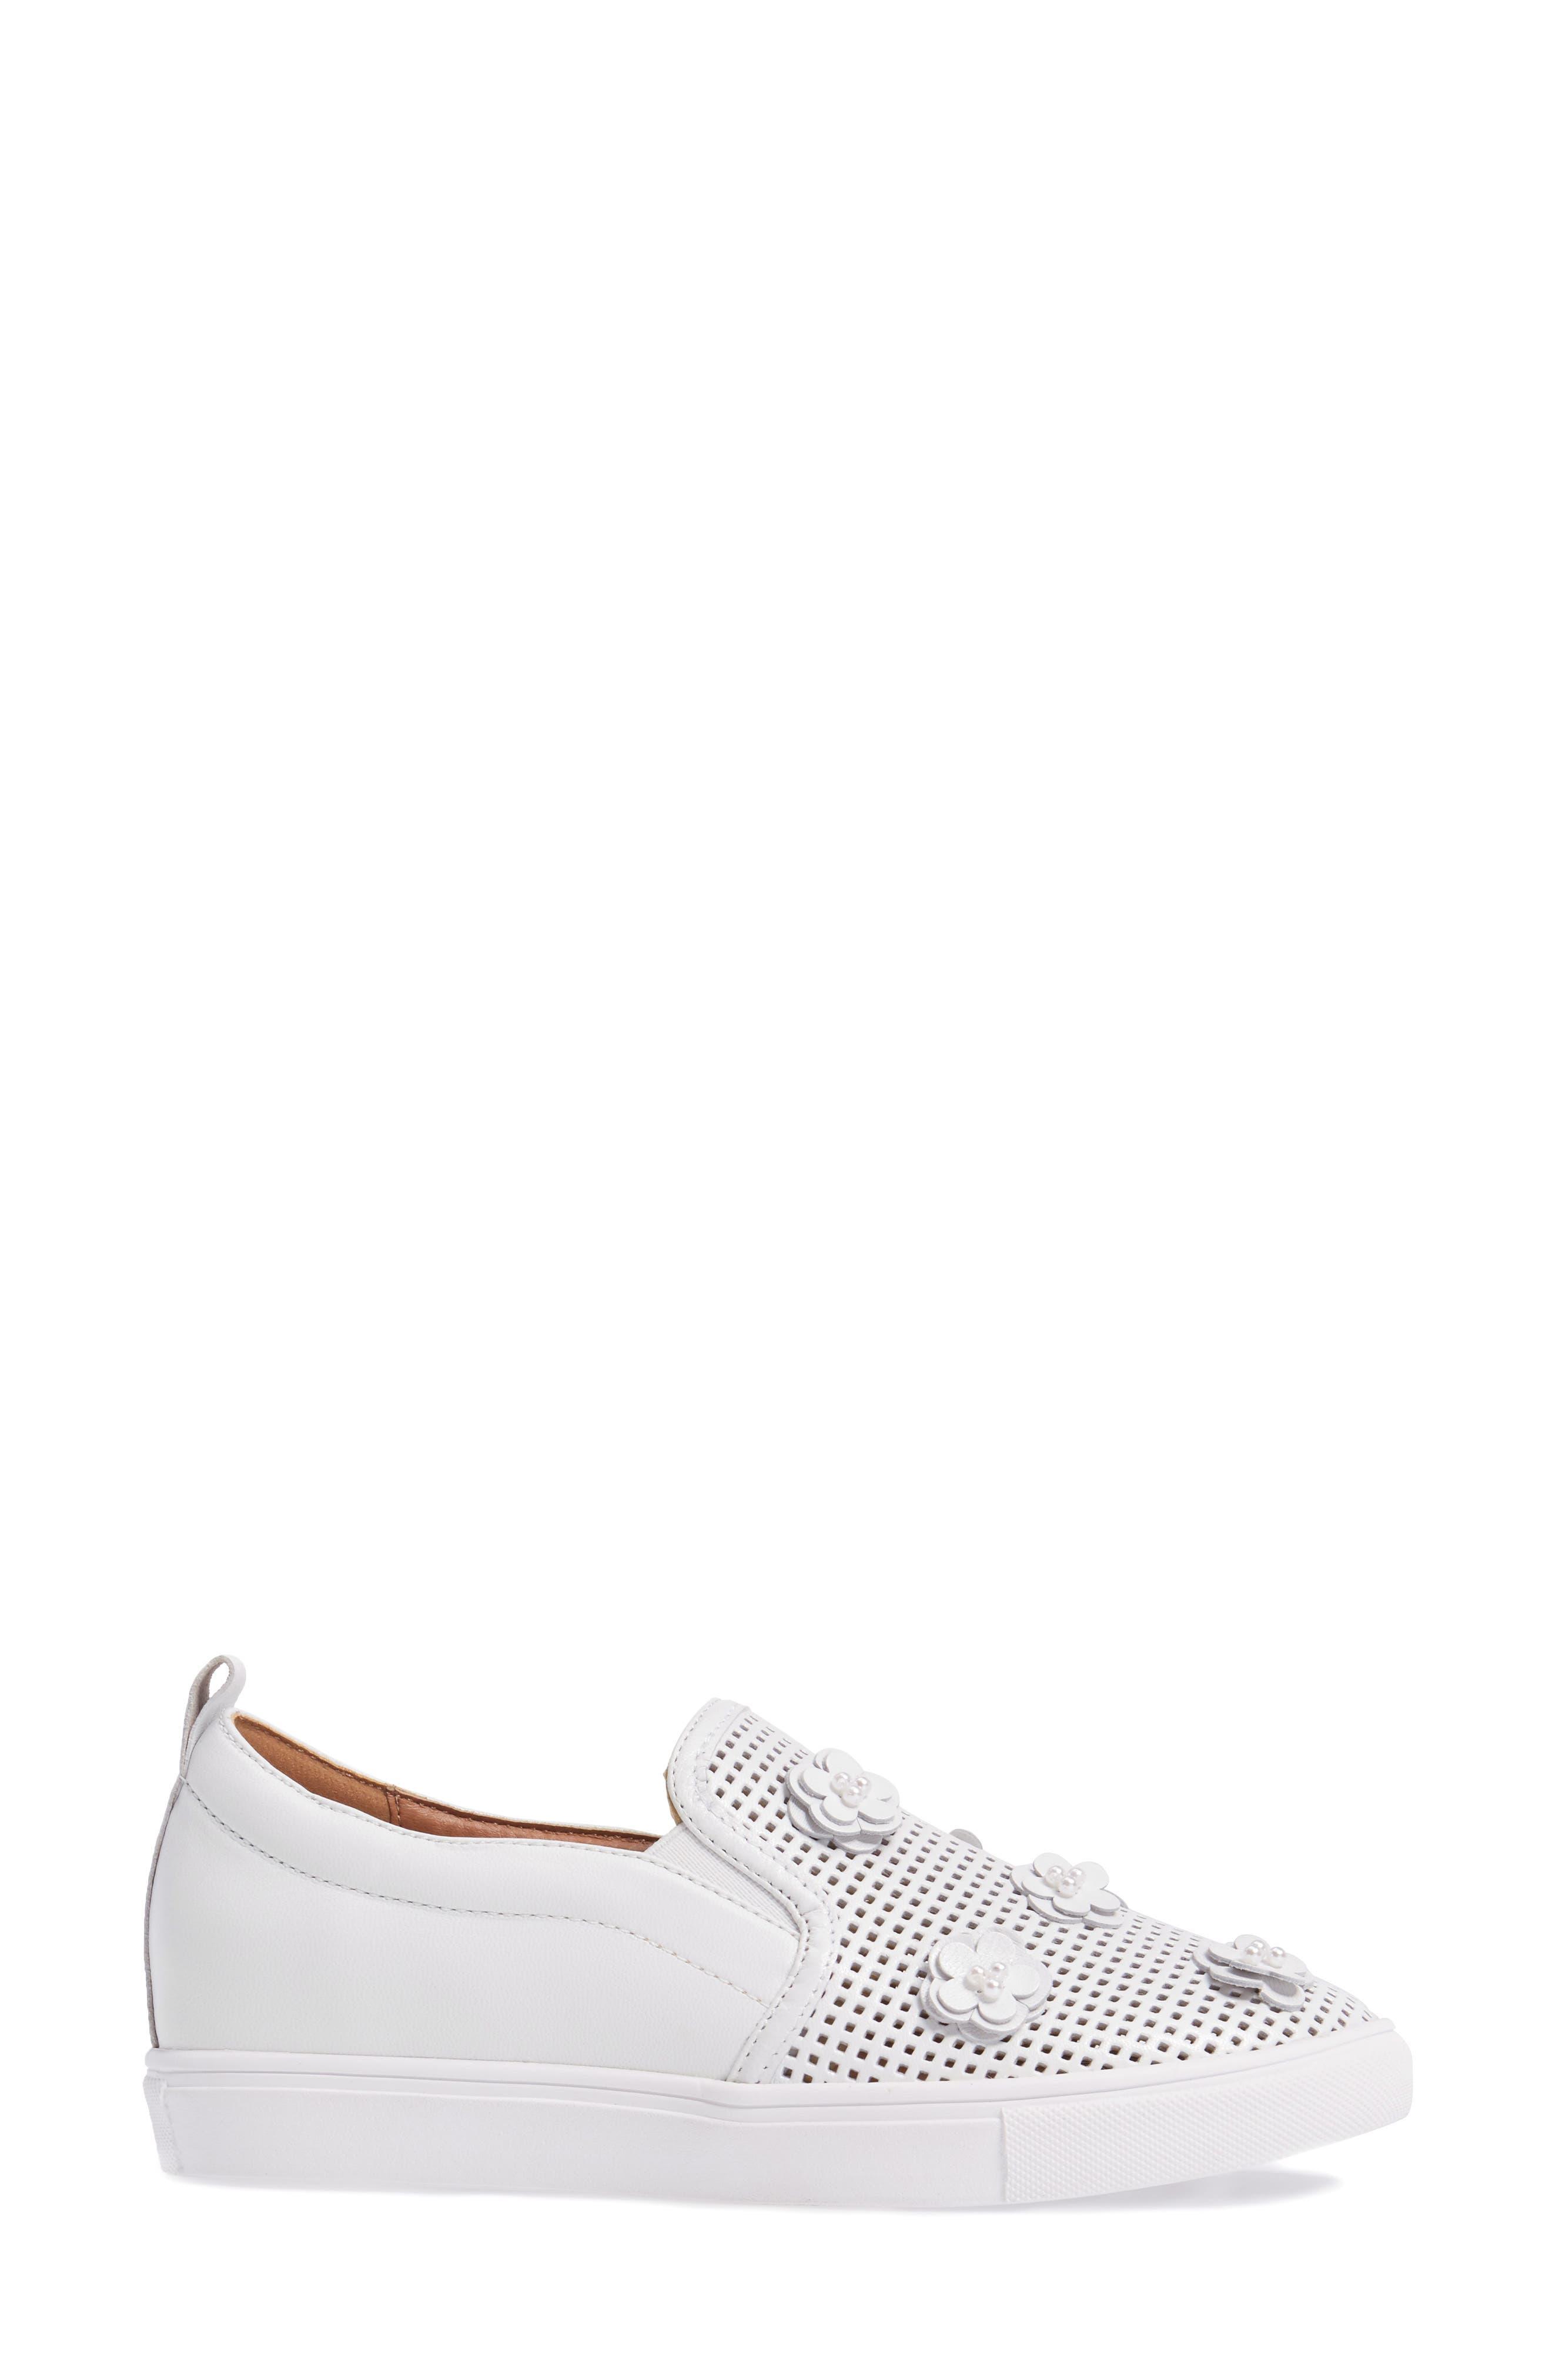 Eden Perforated Slip-On Sneaker,                             Alternate thumbnail 3, color,                             100